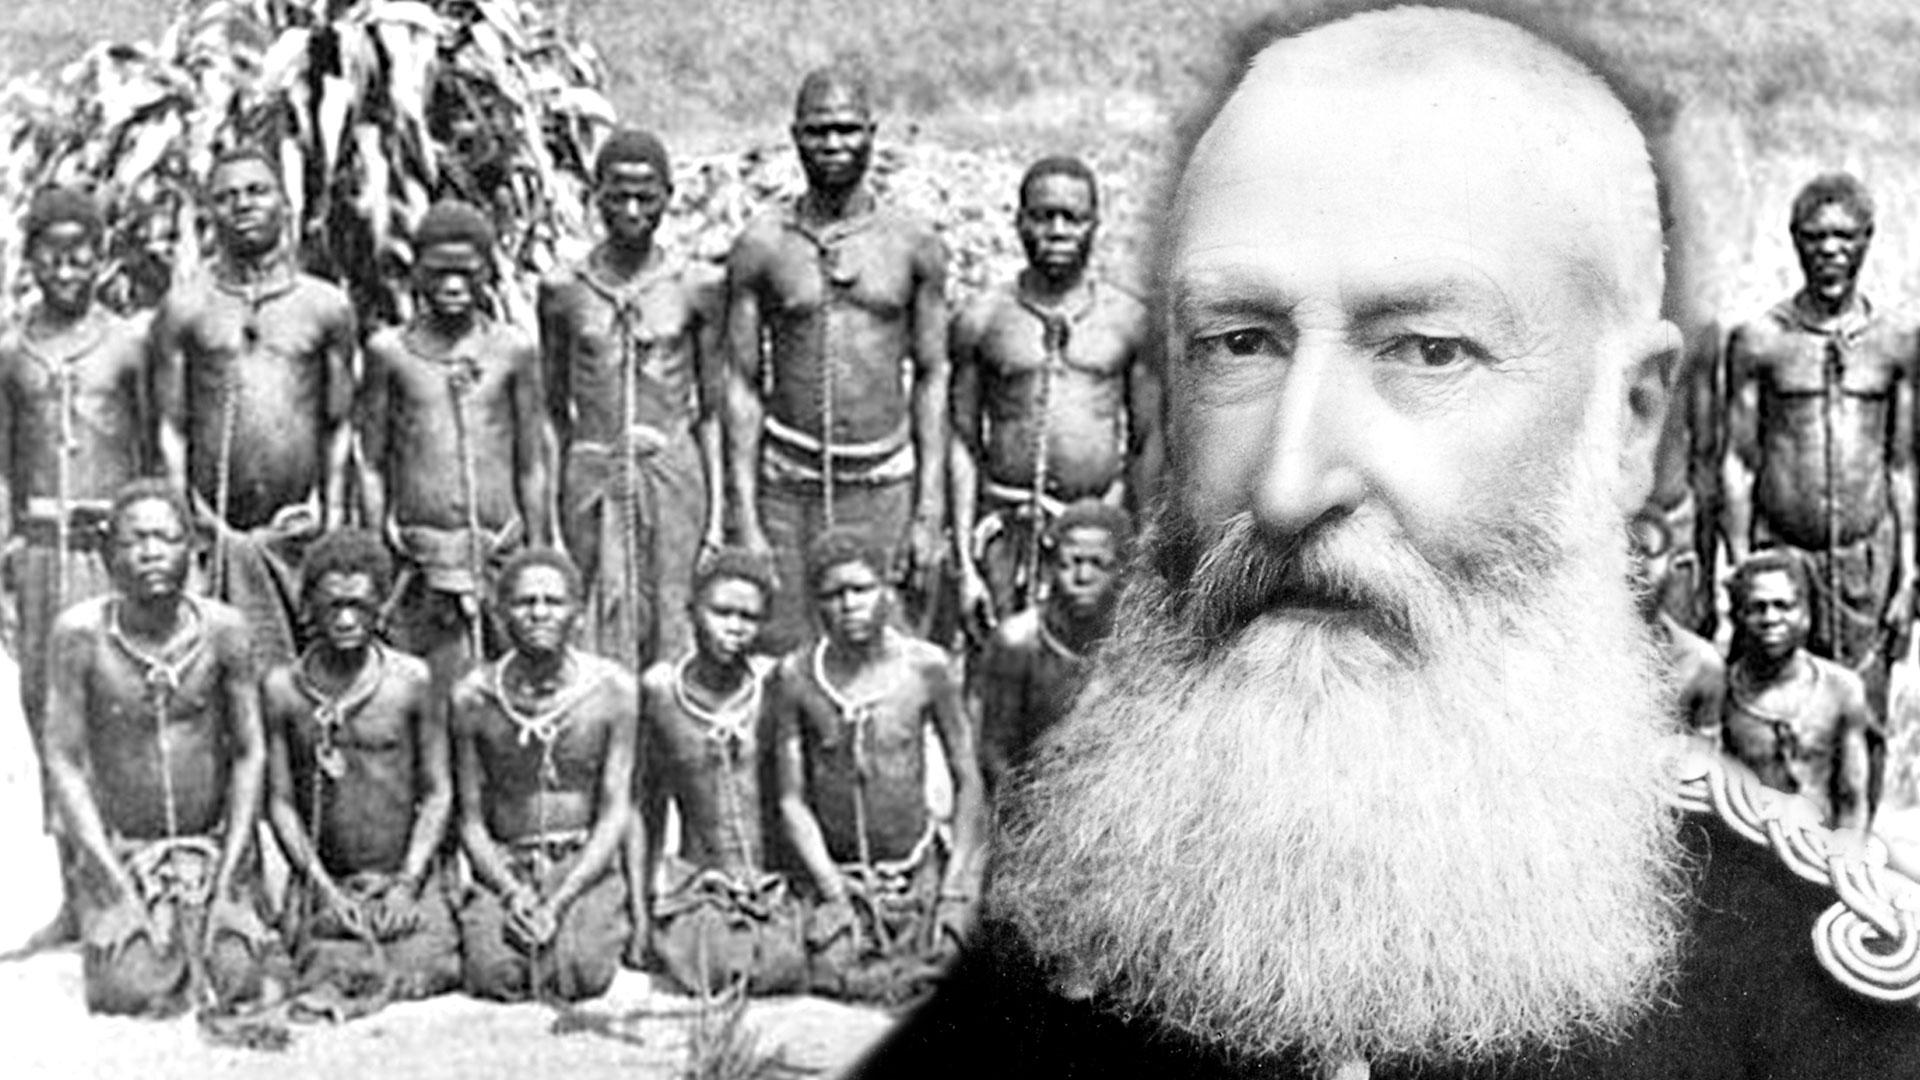 CONGO, STORIA DI UN MASSACRO DIMENTICATO